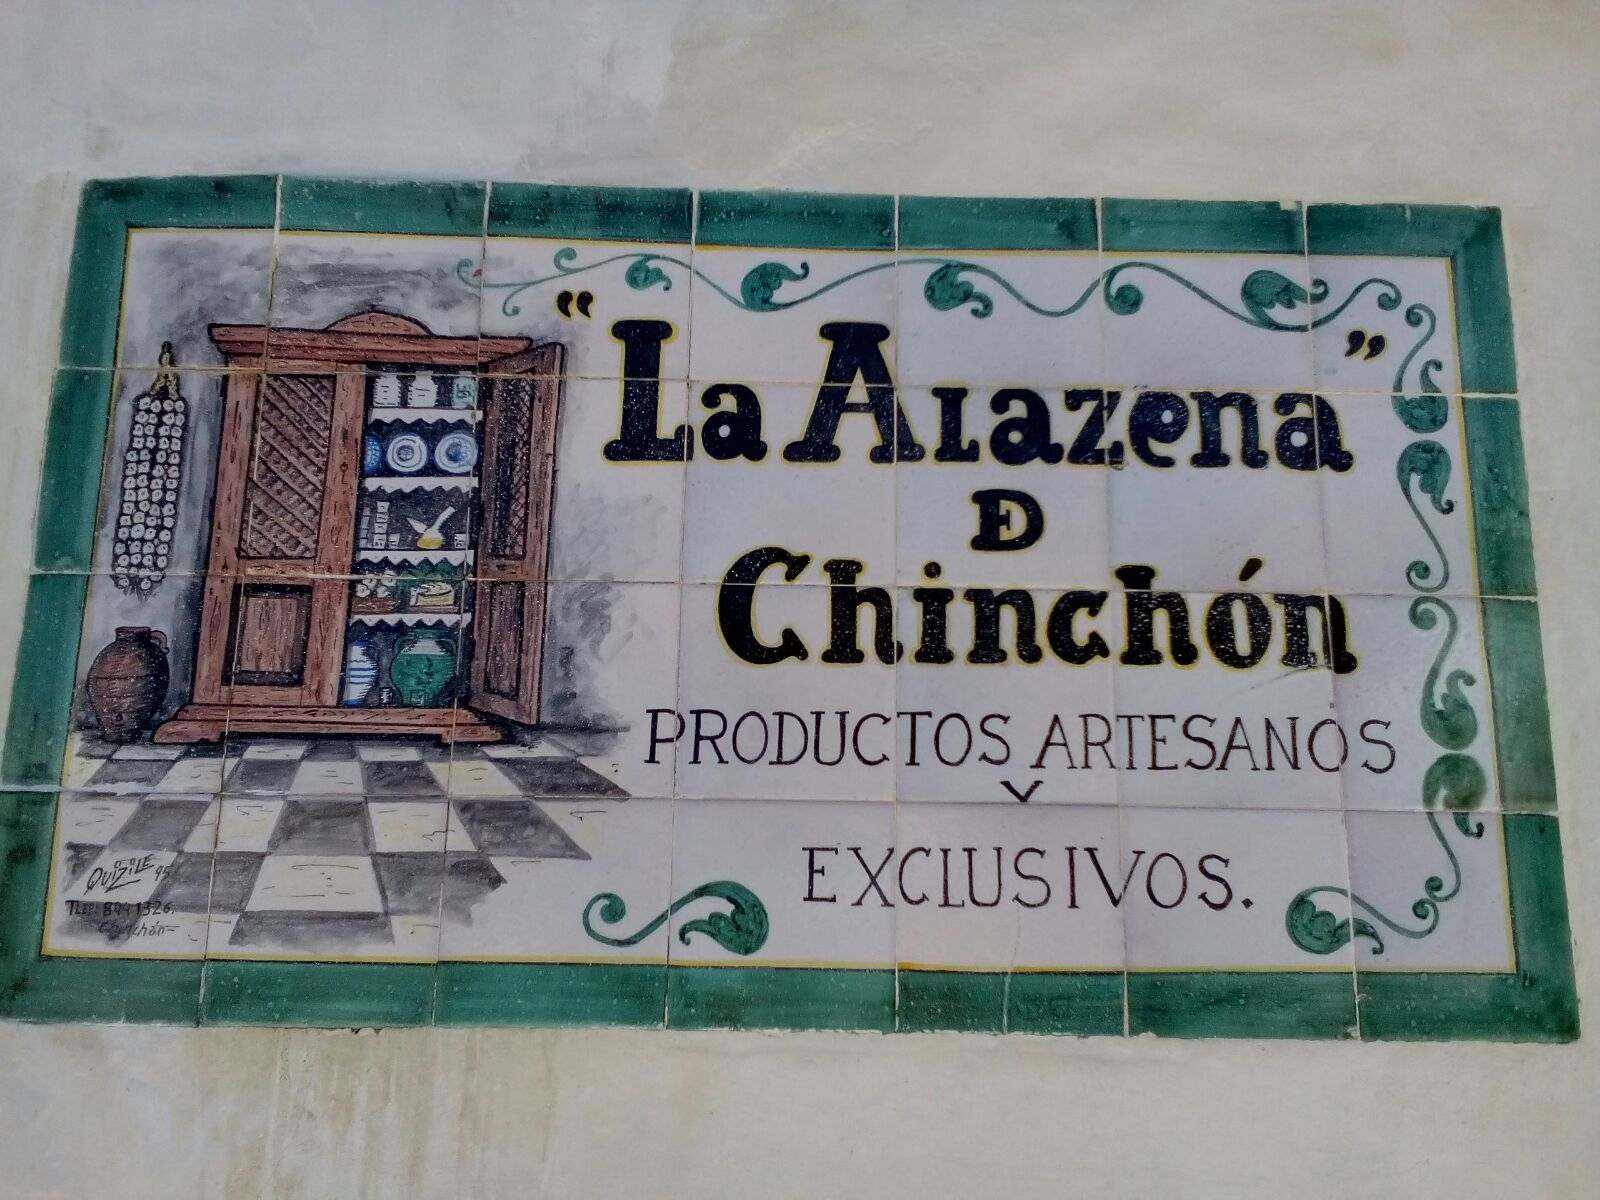 Přeložit hák až do španělštiny